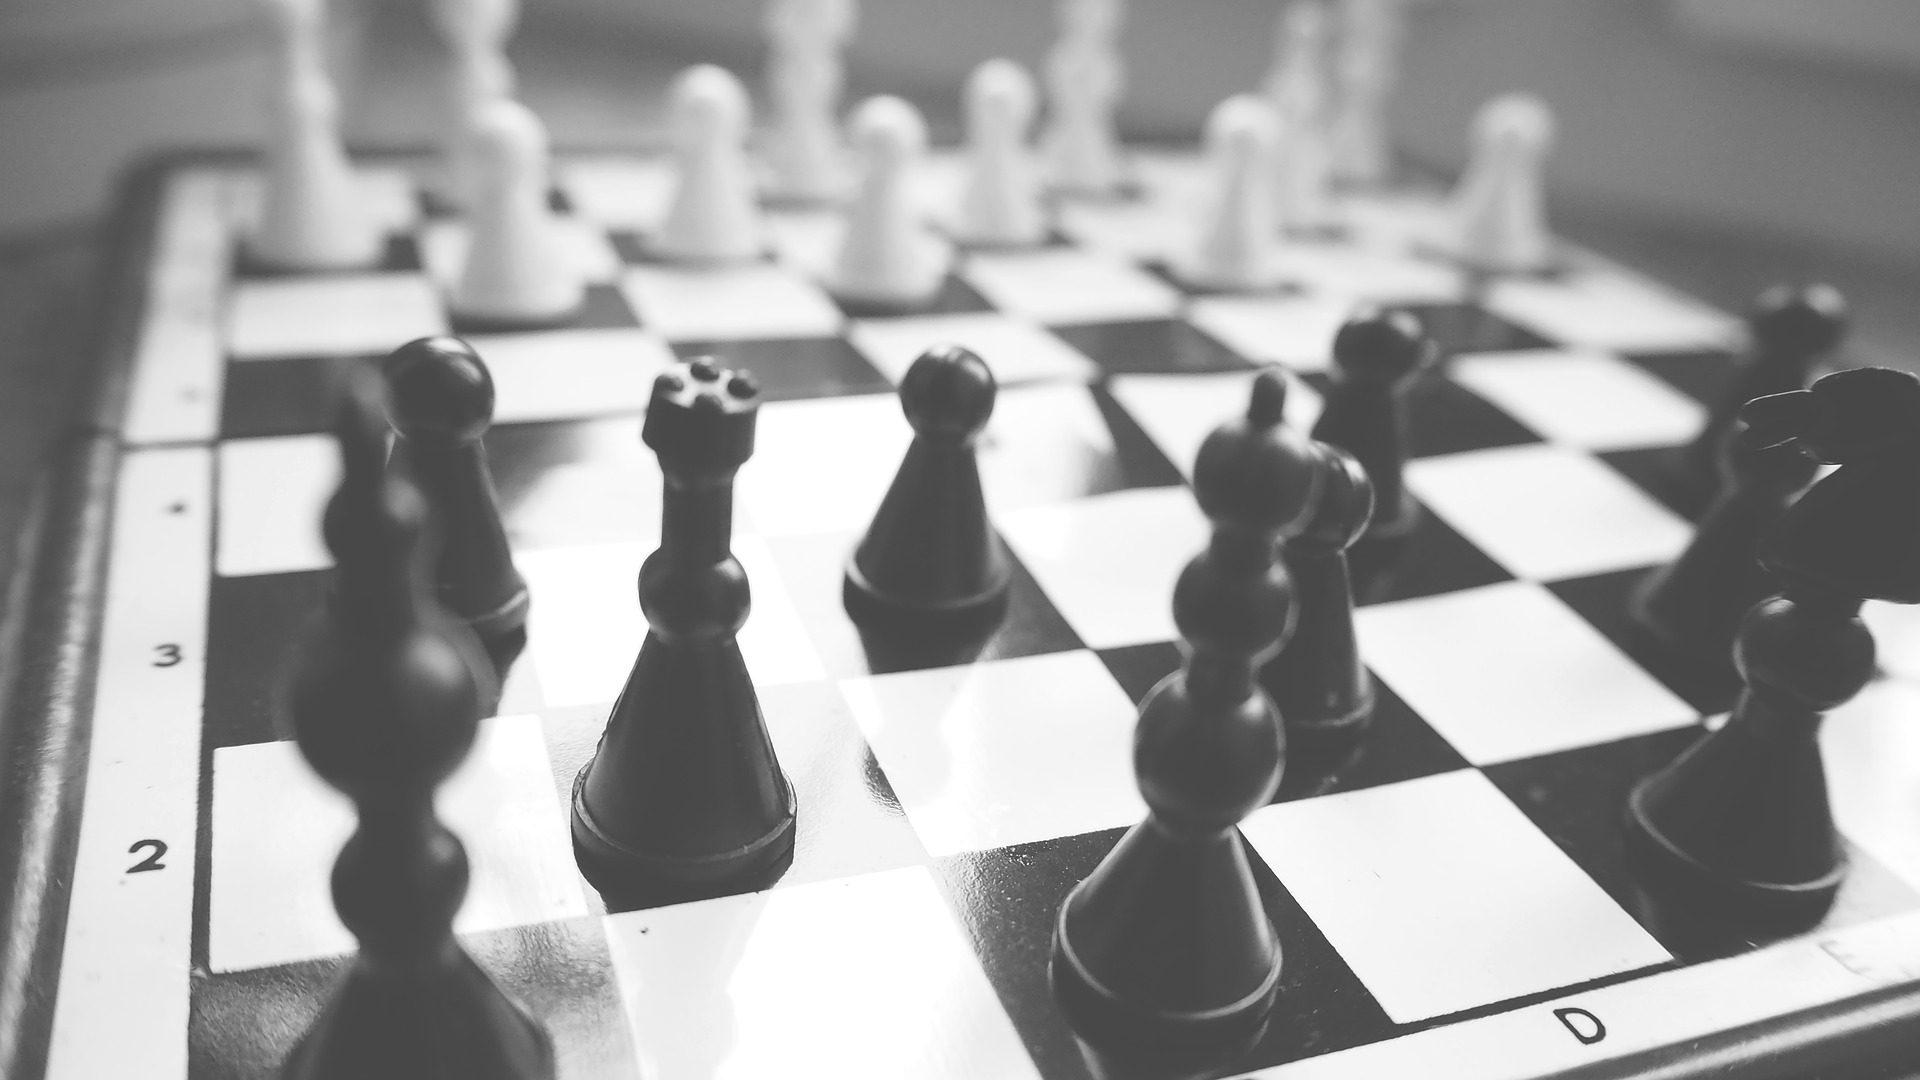 शतरंज, खेल, बोर्ड, भागों, रणनीति, श्वेत और श्याम में - HD वॉलपेपर - प्रोफेसर-falken.com